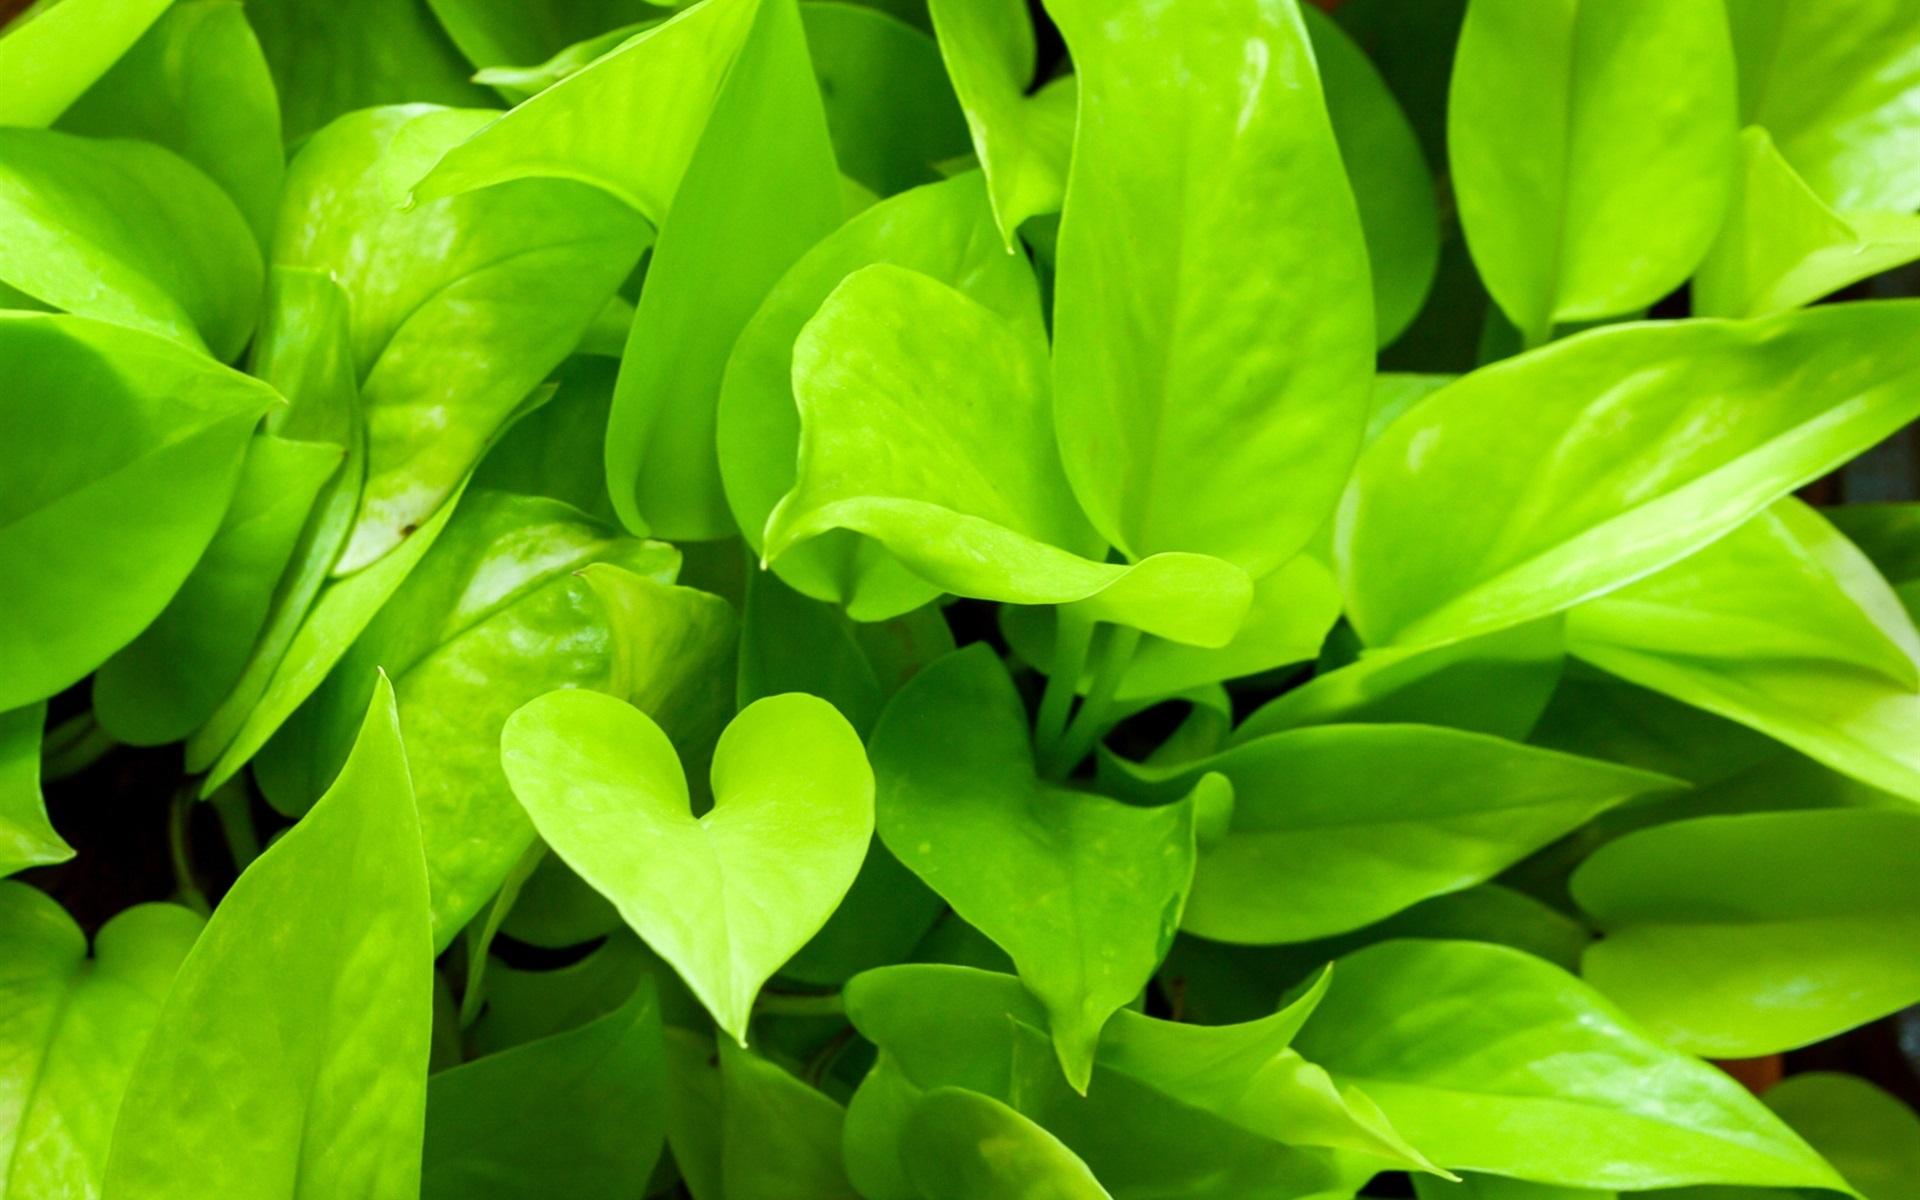 Faszinierend Grüne Pflanzen Ideen Von Dieses Farbige Logo Patternen